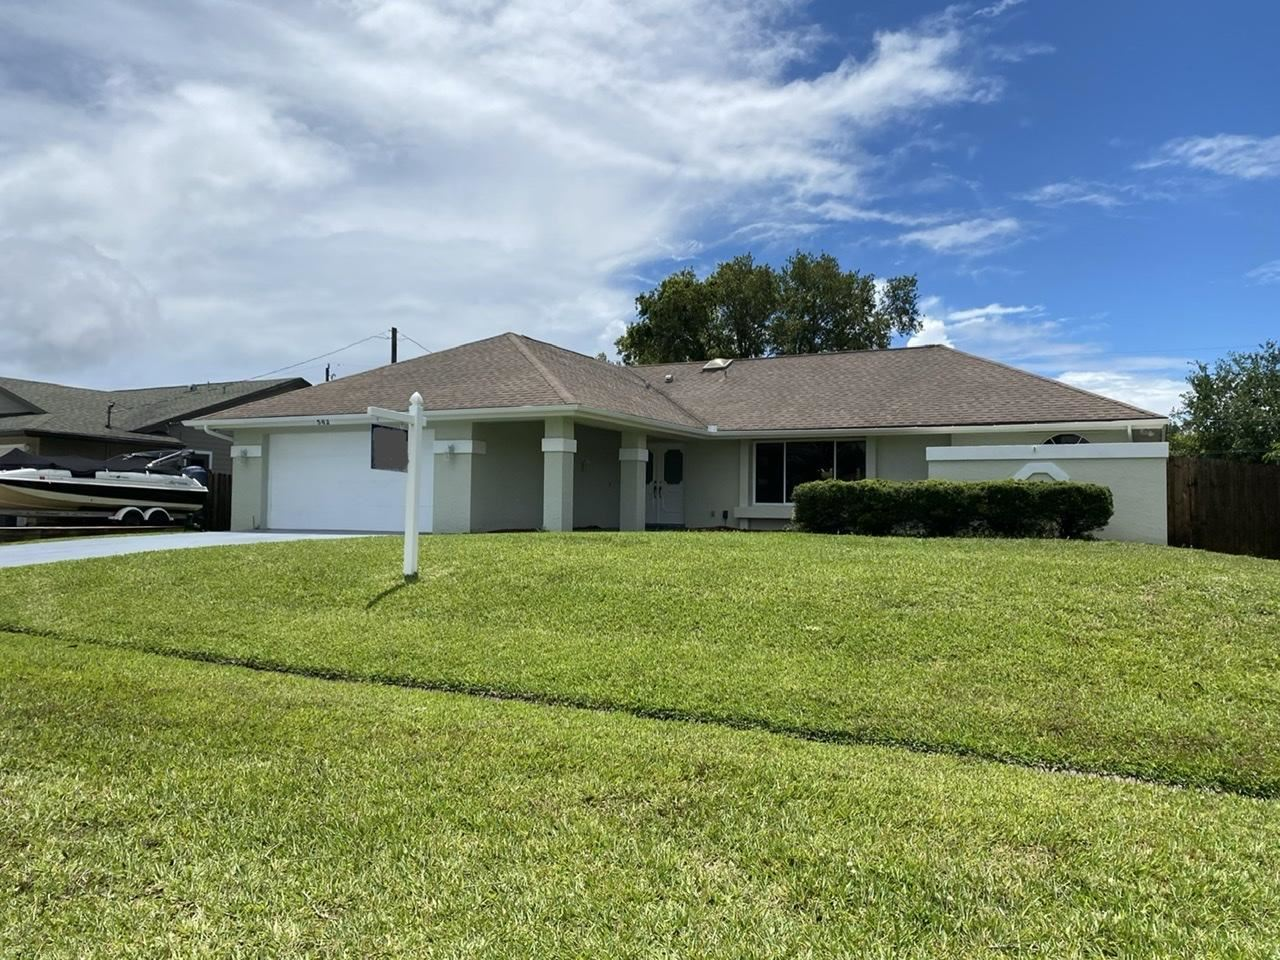 562 SE Volkerts Terrace, Port Saint Lucie, FL 34983 - #: RX-10623288